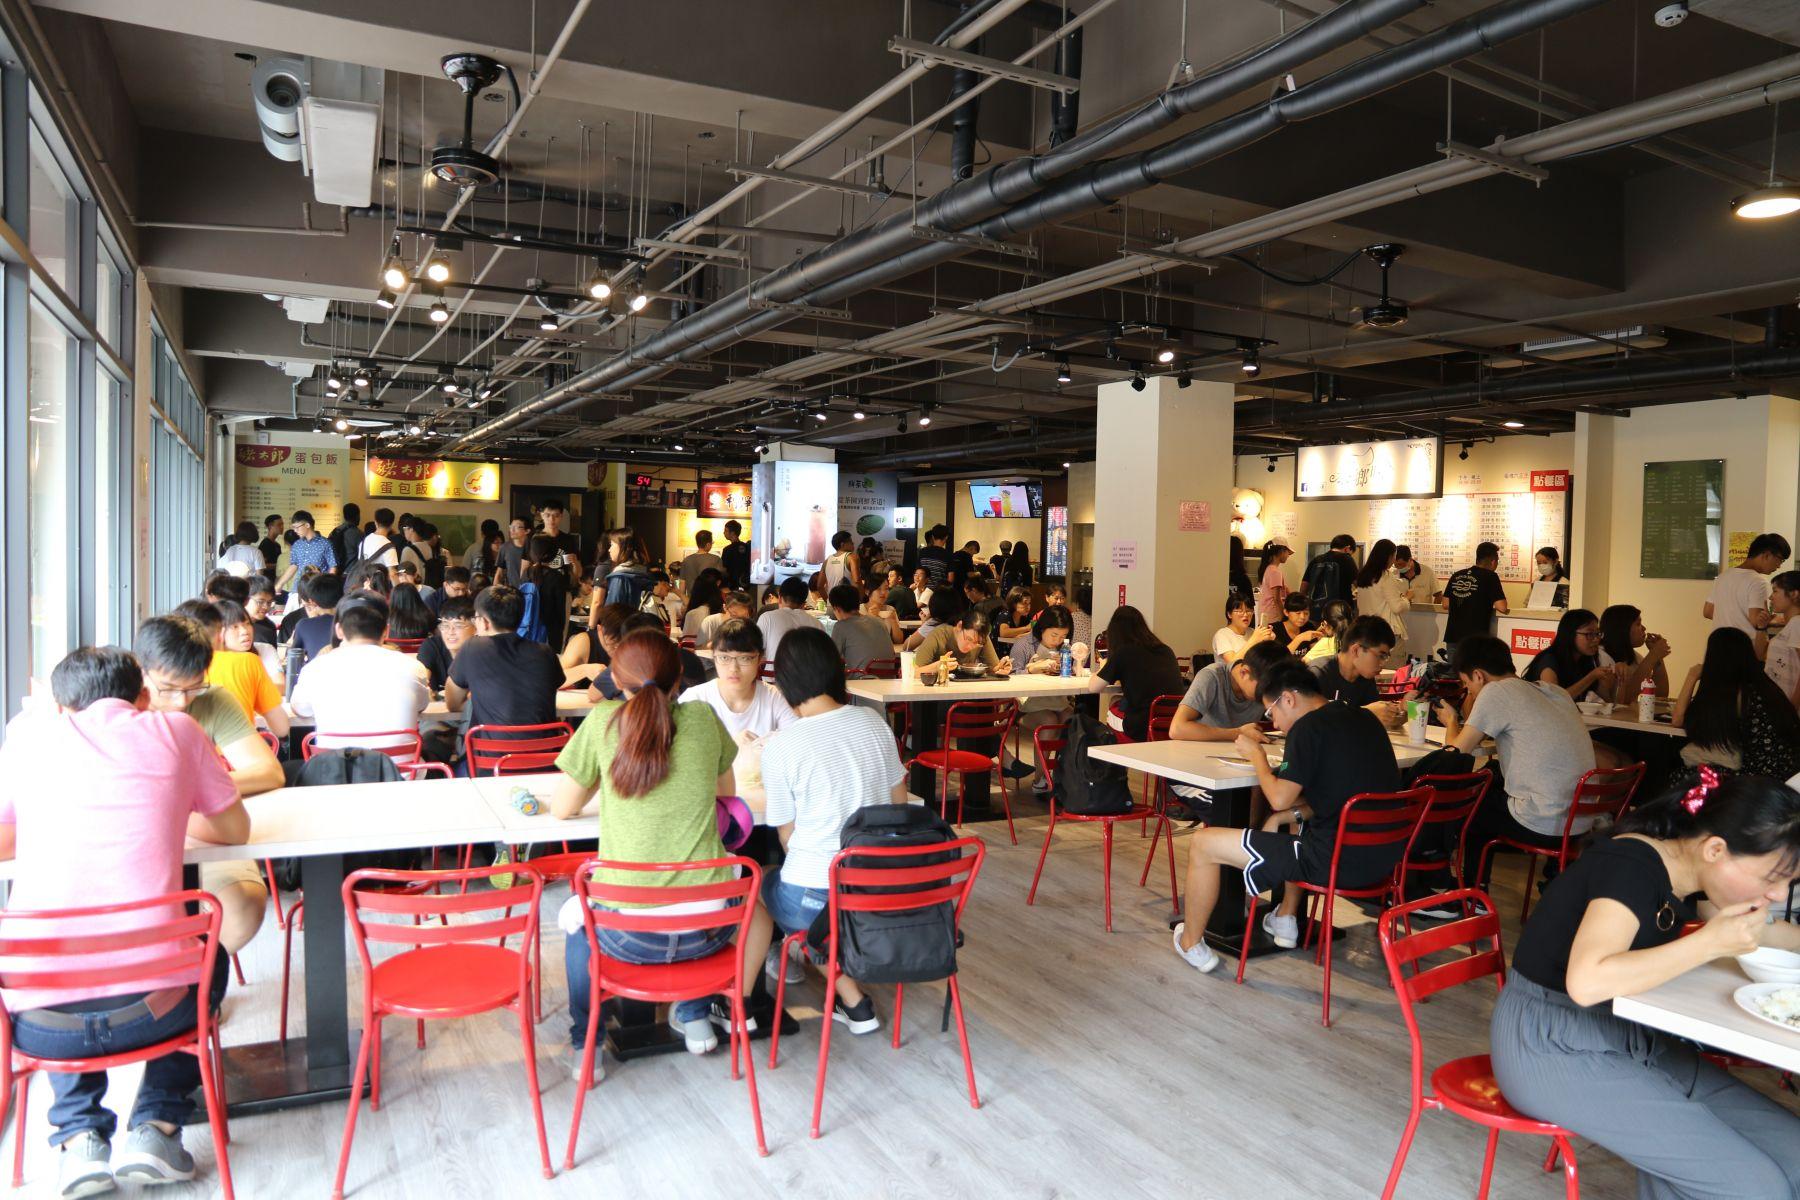 興大「最狂學生餐廳」 引進28家業者如百貨美食街